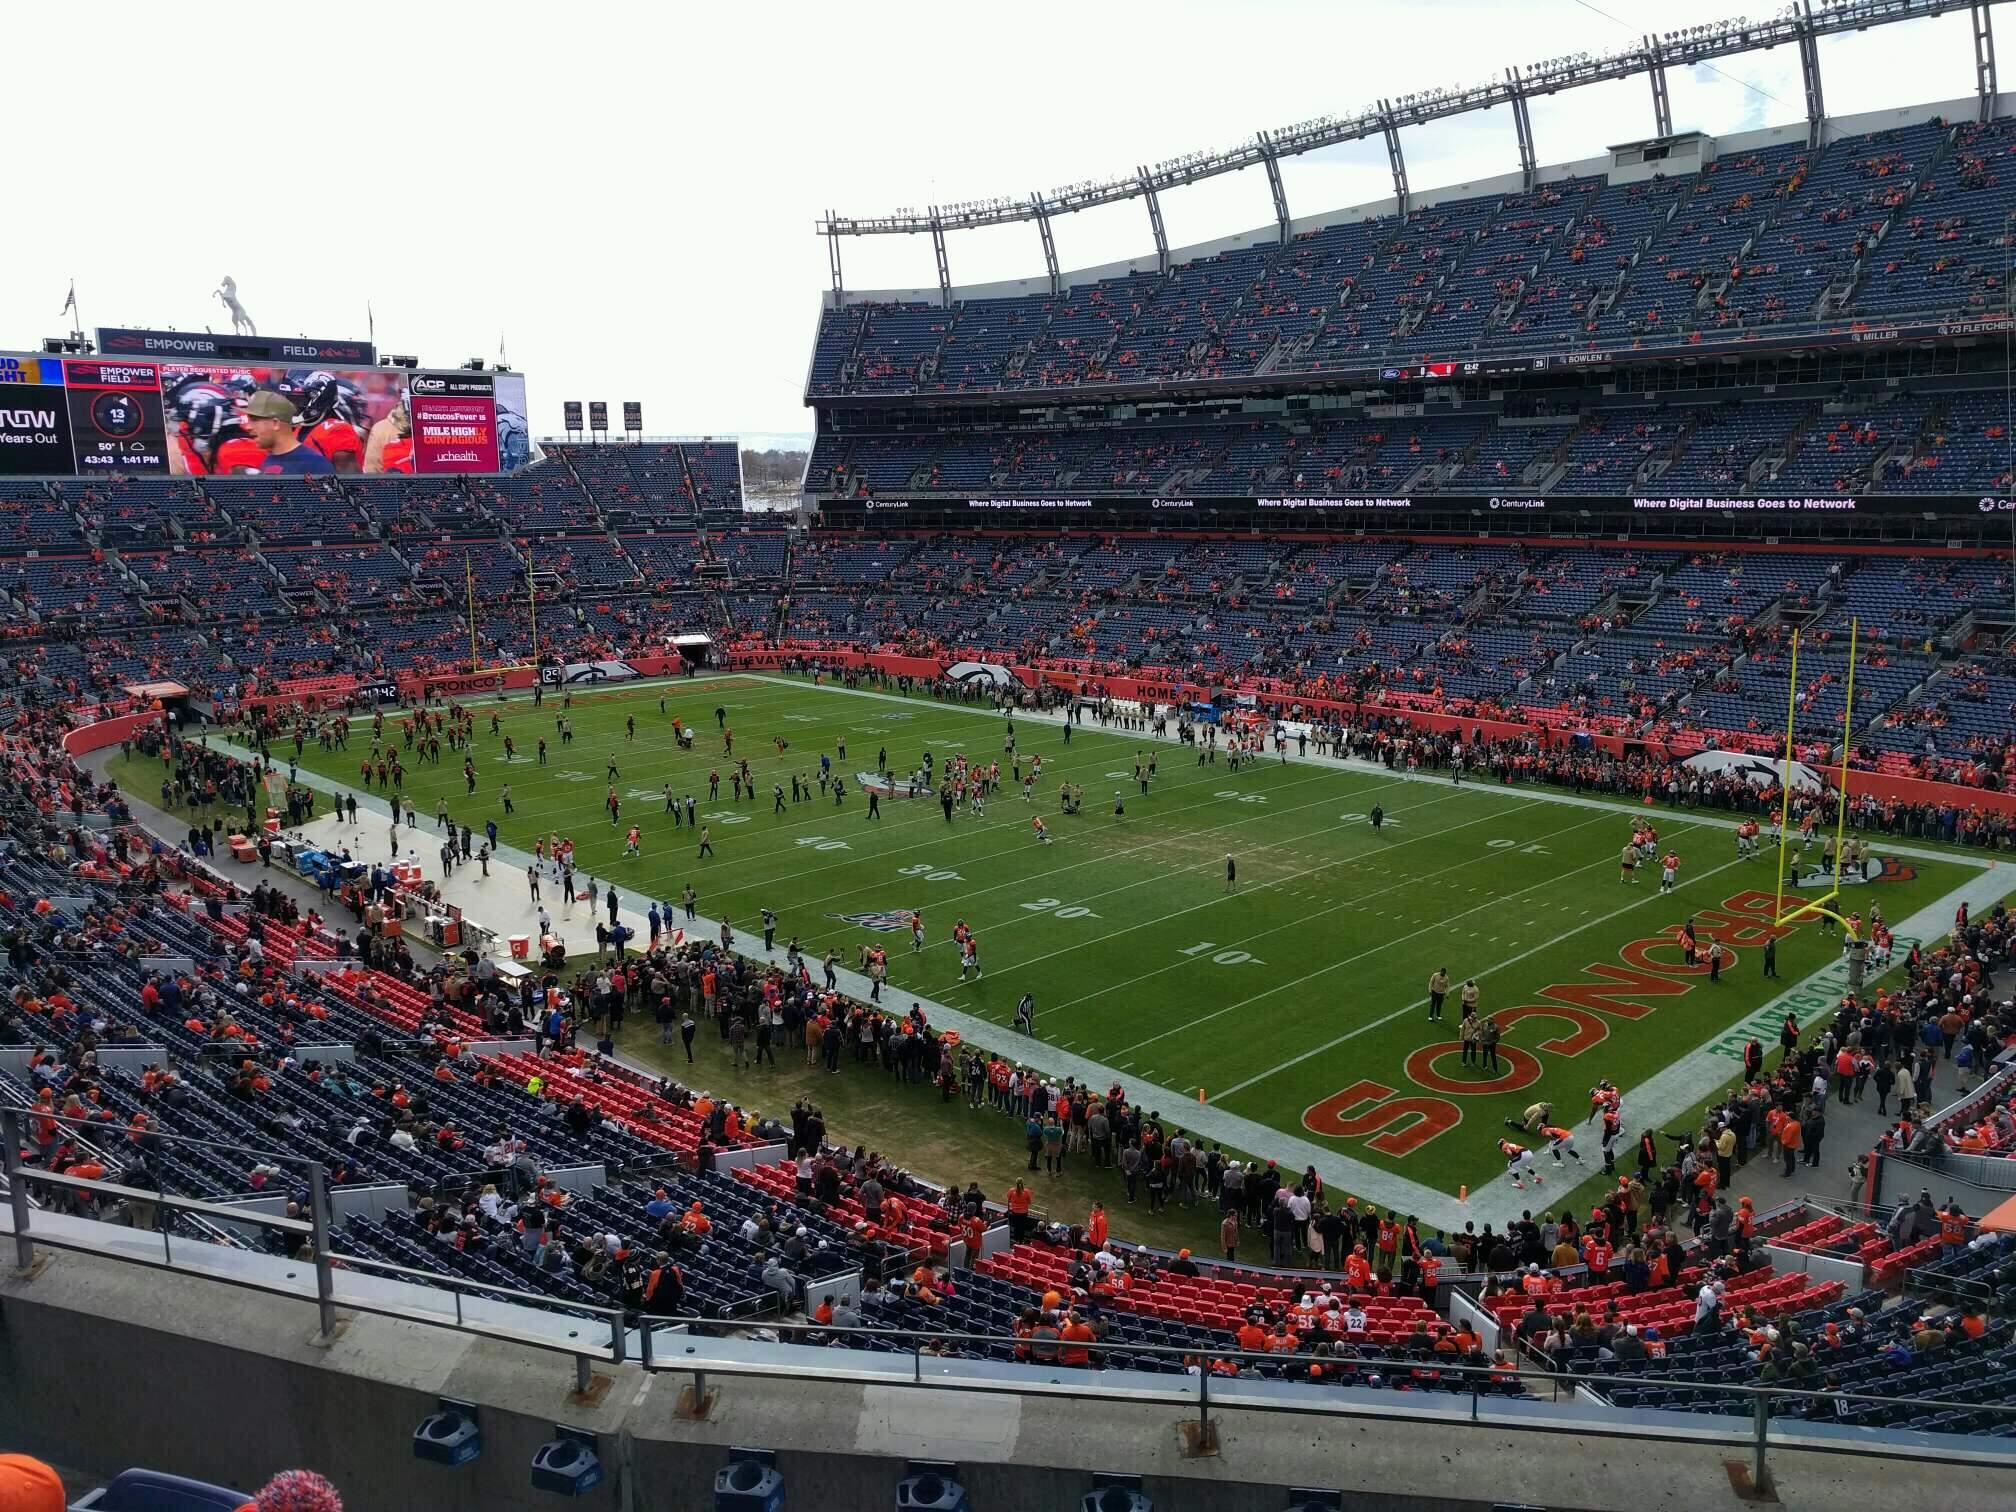 Empower Field at Mile High Stadium Bereich 329 Reihe 5 Platz 9